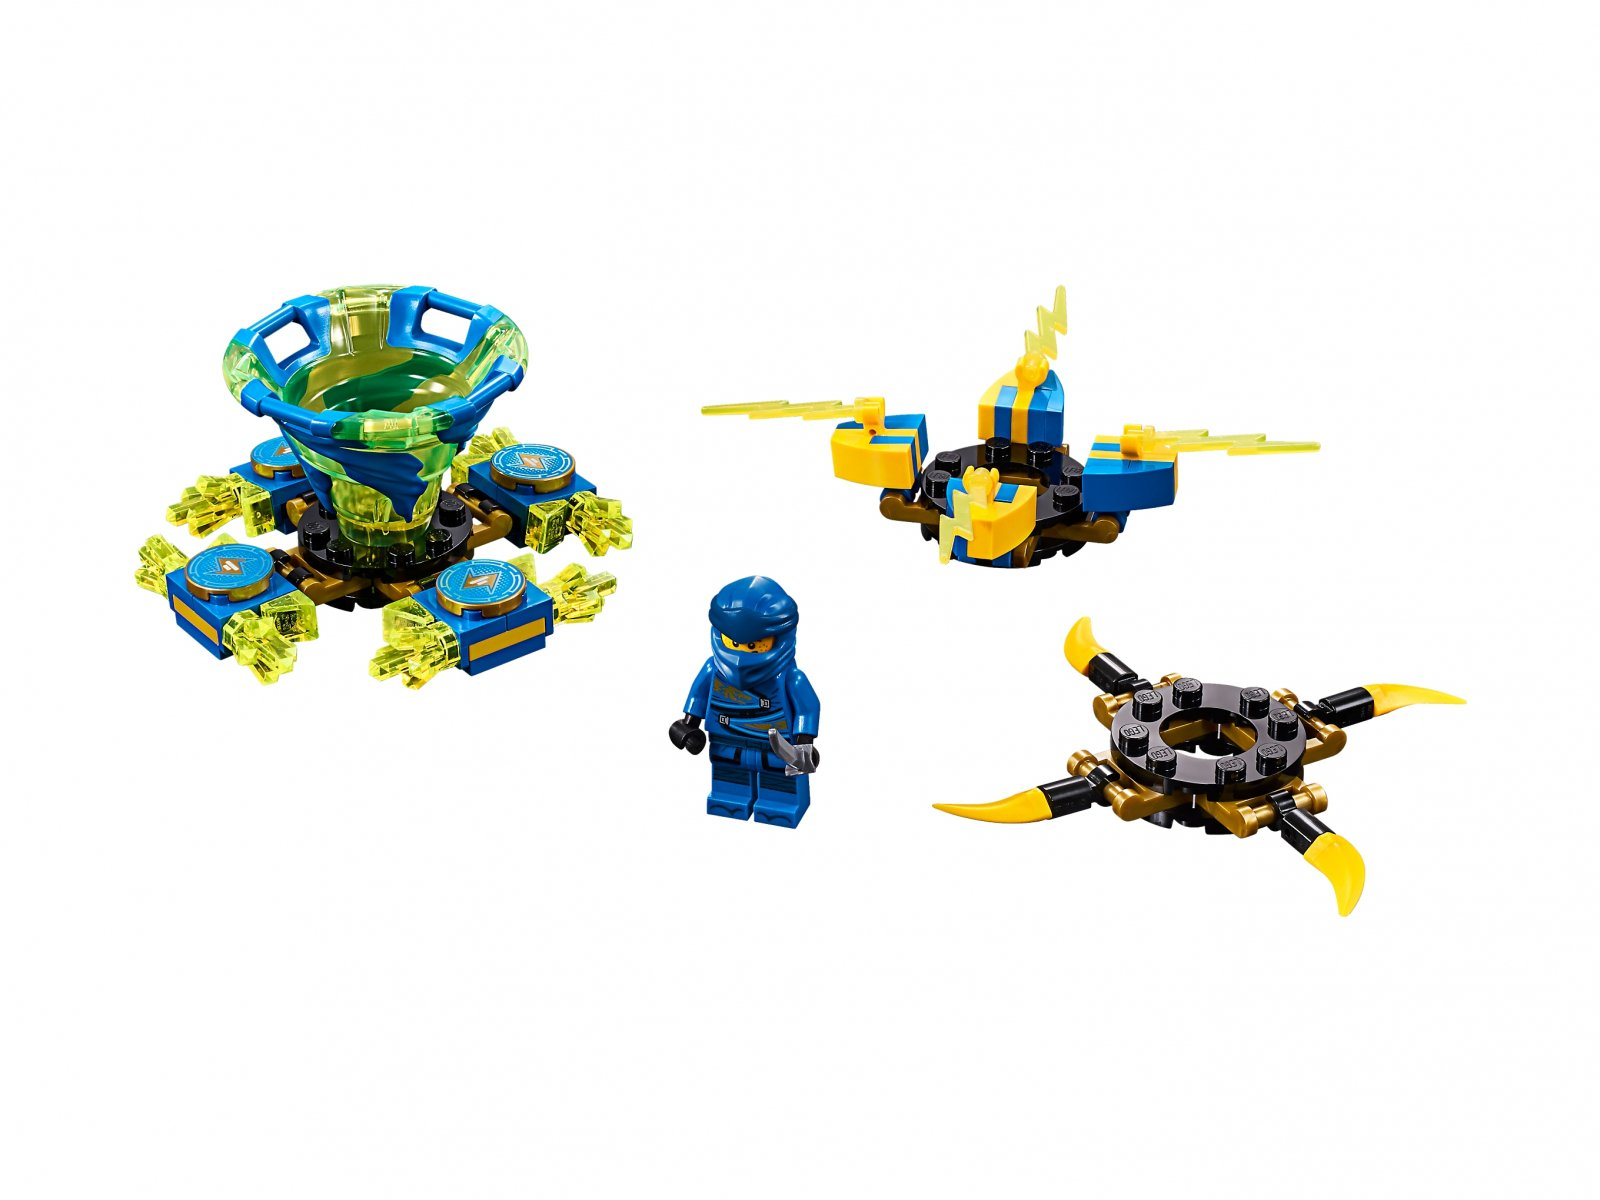 LEGO Ninjago® 70660 Spinjitzu Jay